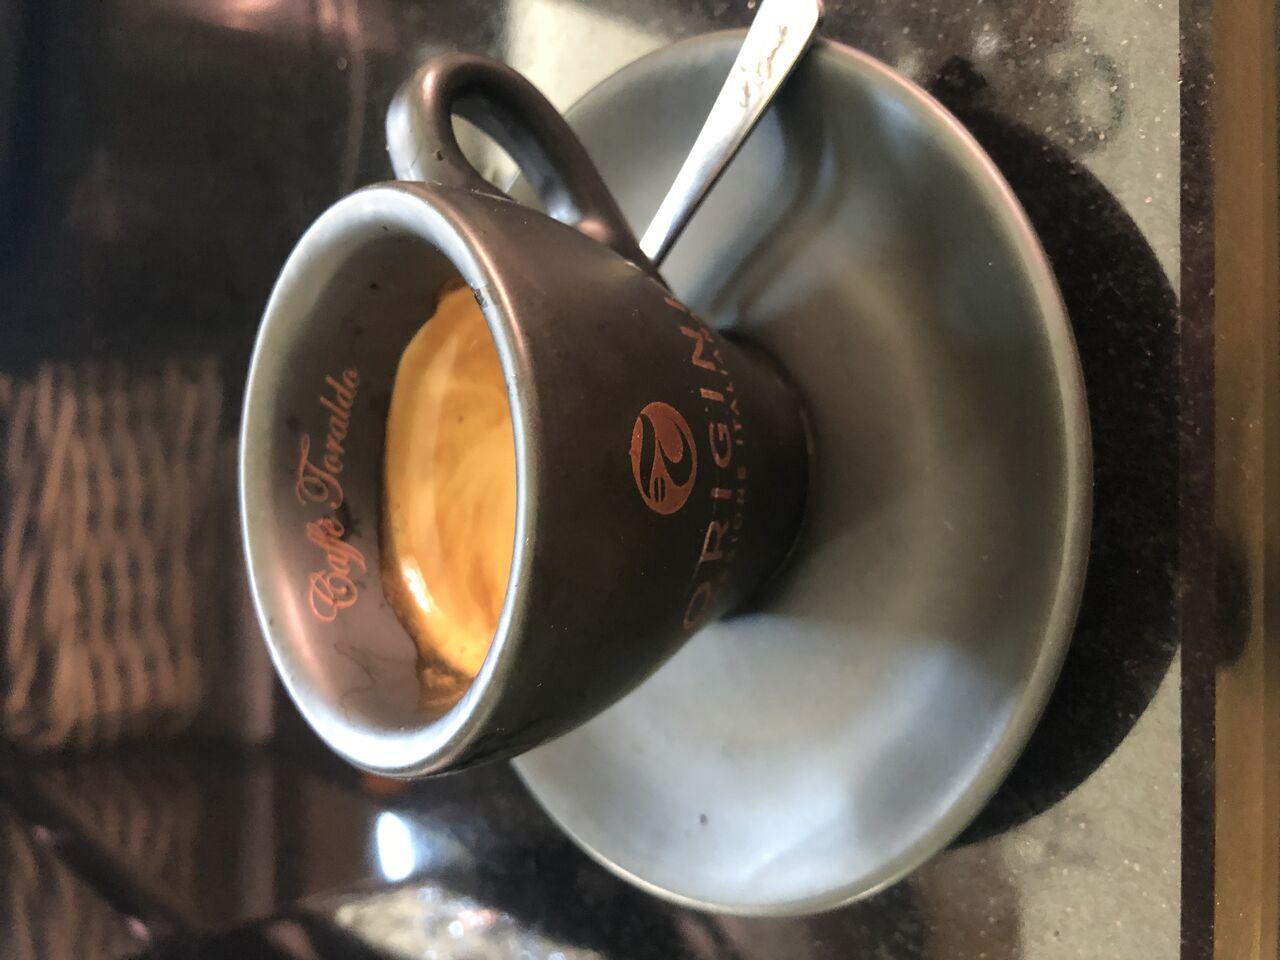 Toraldo der Espresso